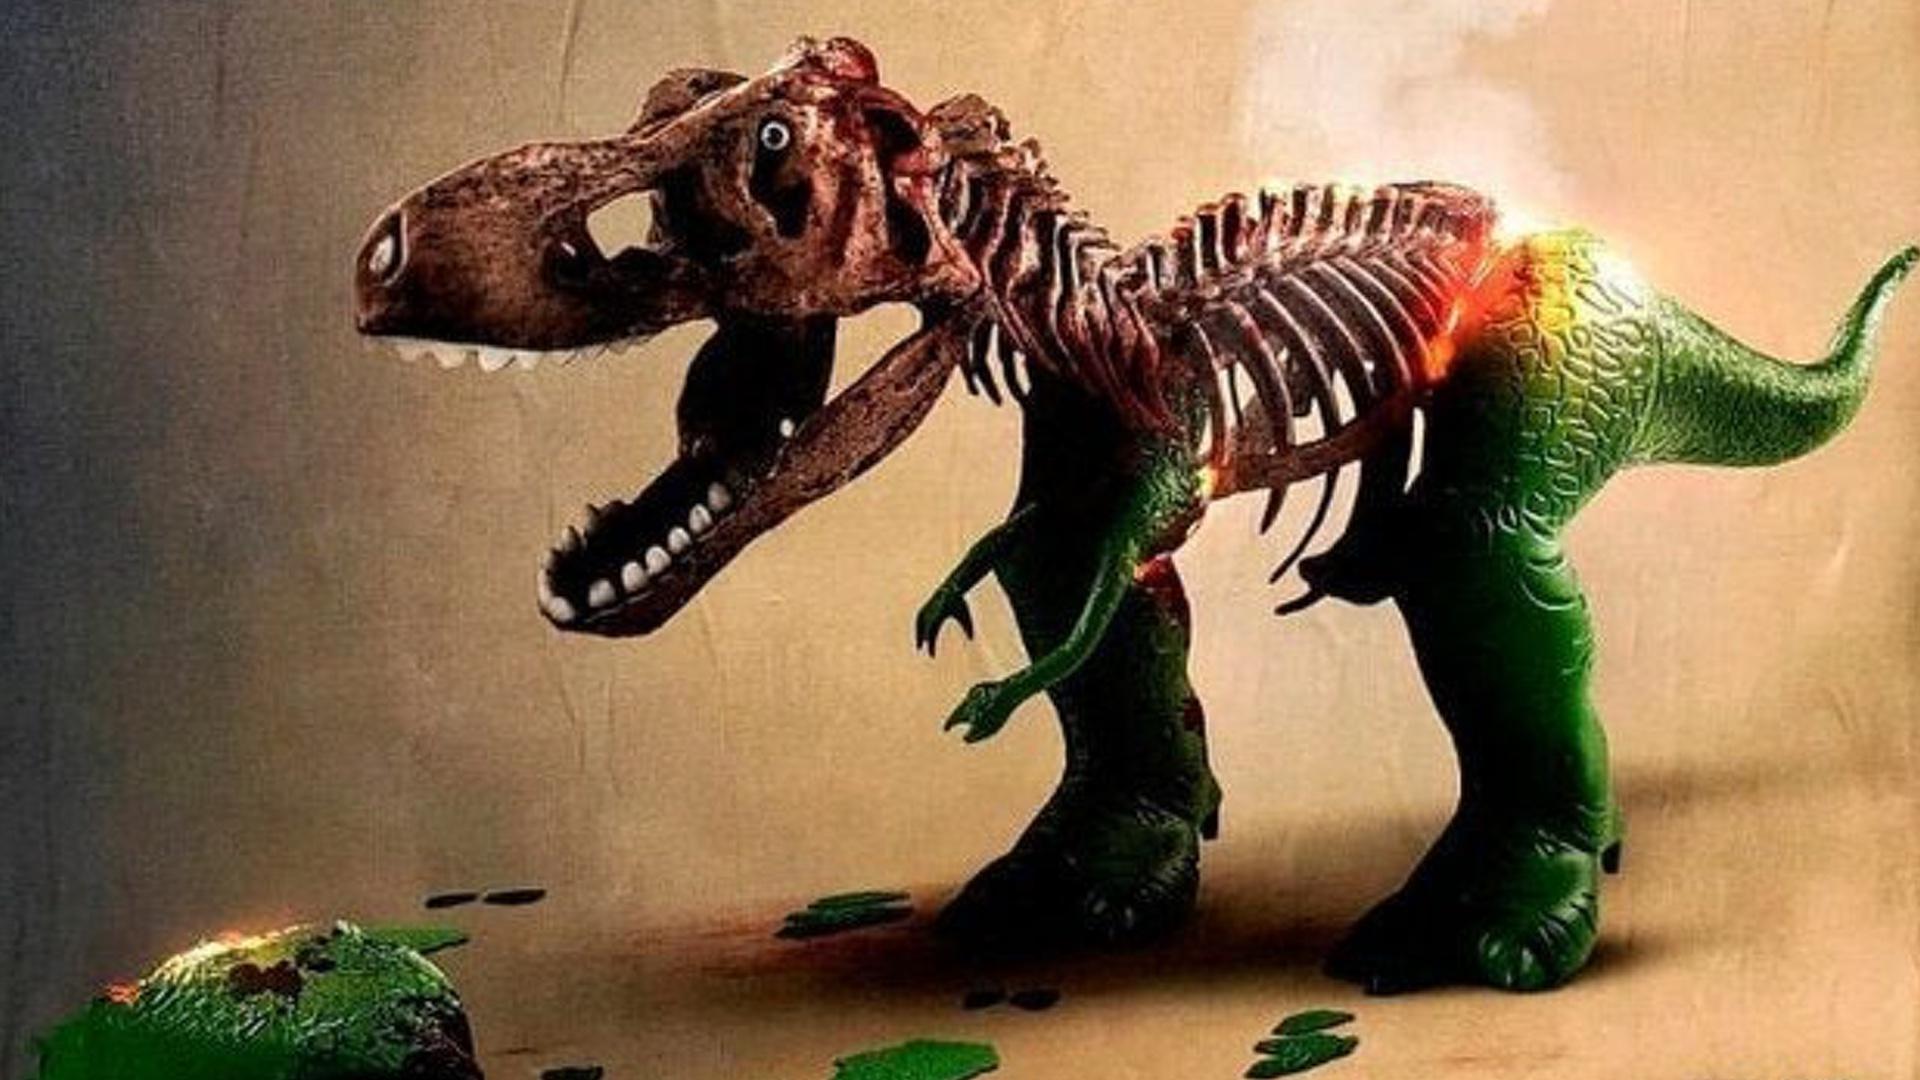 Chucky prende fuego a Rex de Toy Story 4 de Disney y Pixar